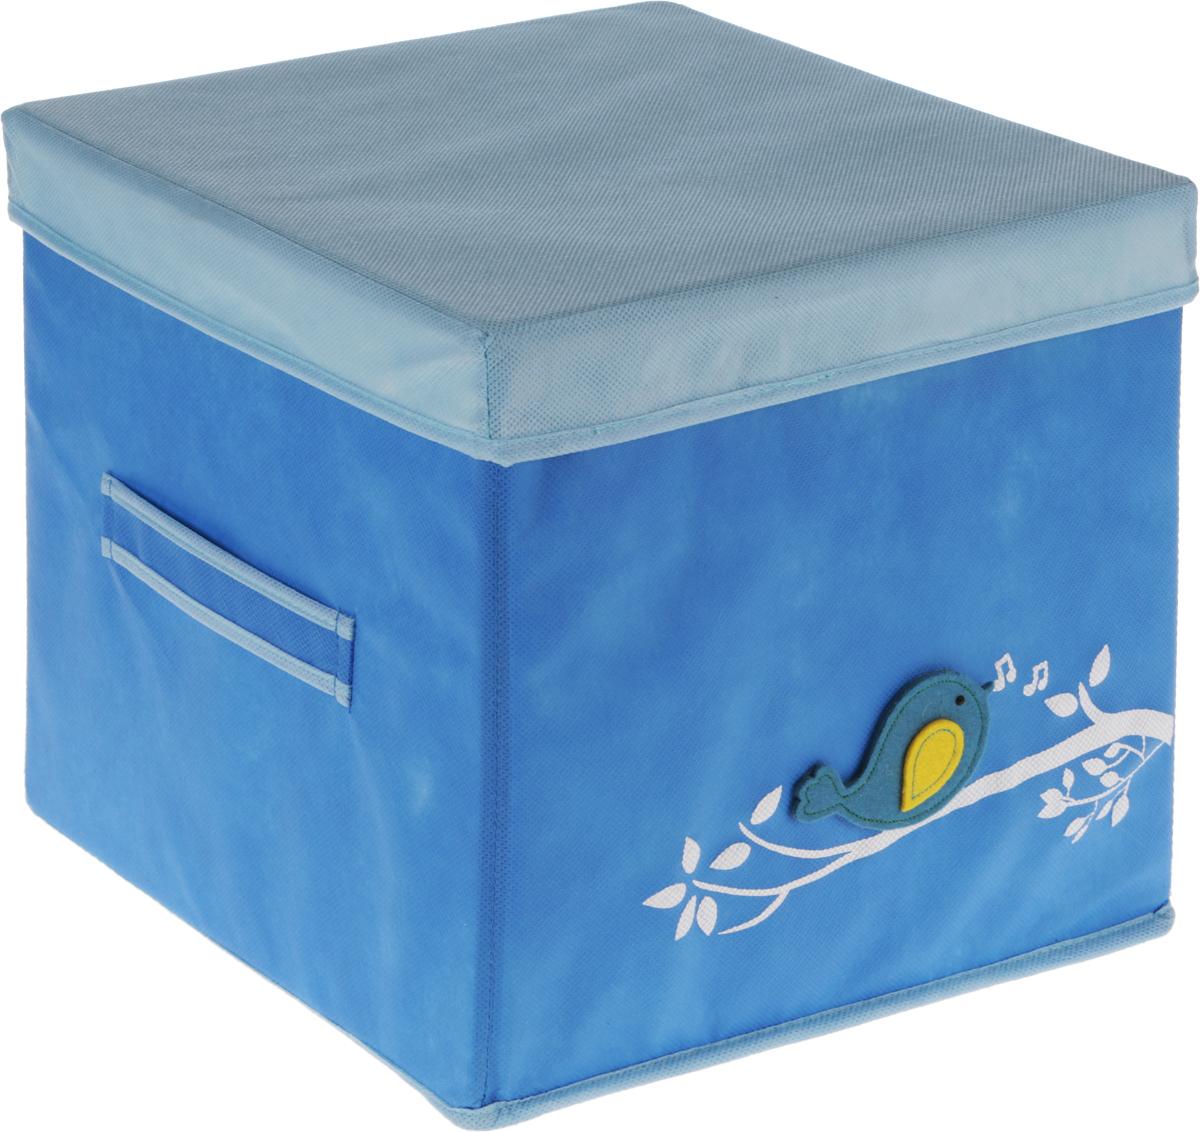 Коробка для вещей и игрушек Все на местах, с крышкой, детская, цвет: голубой1074036.